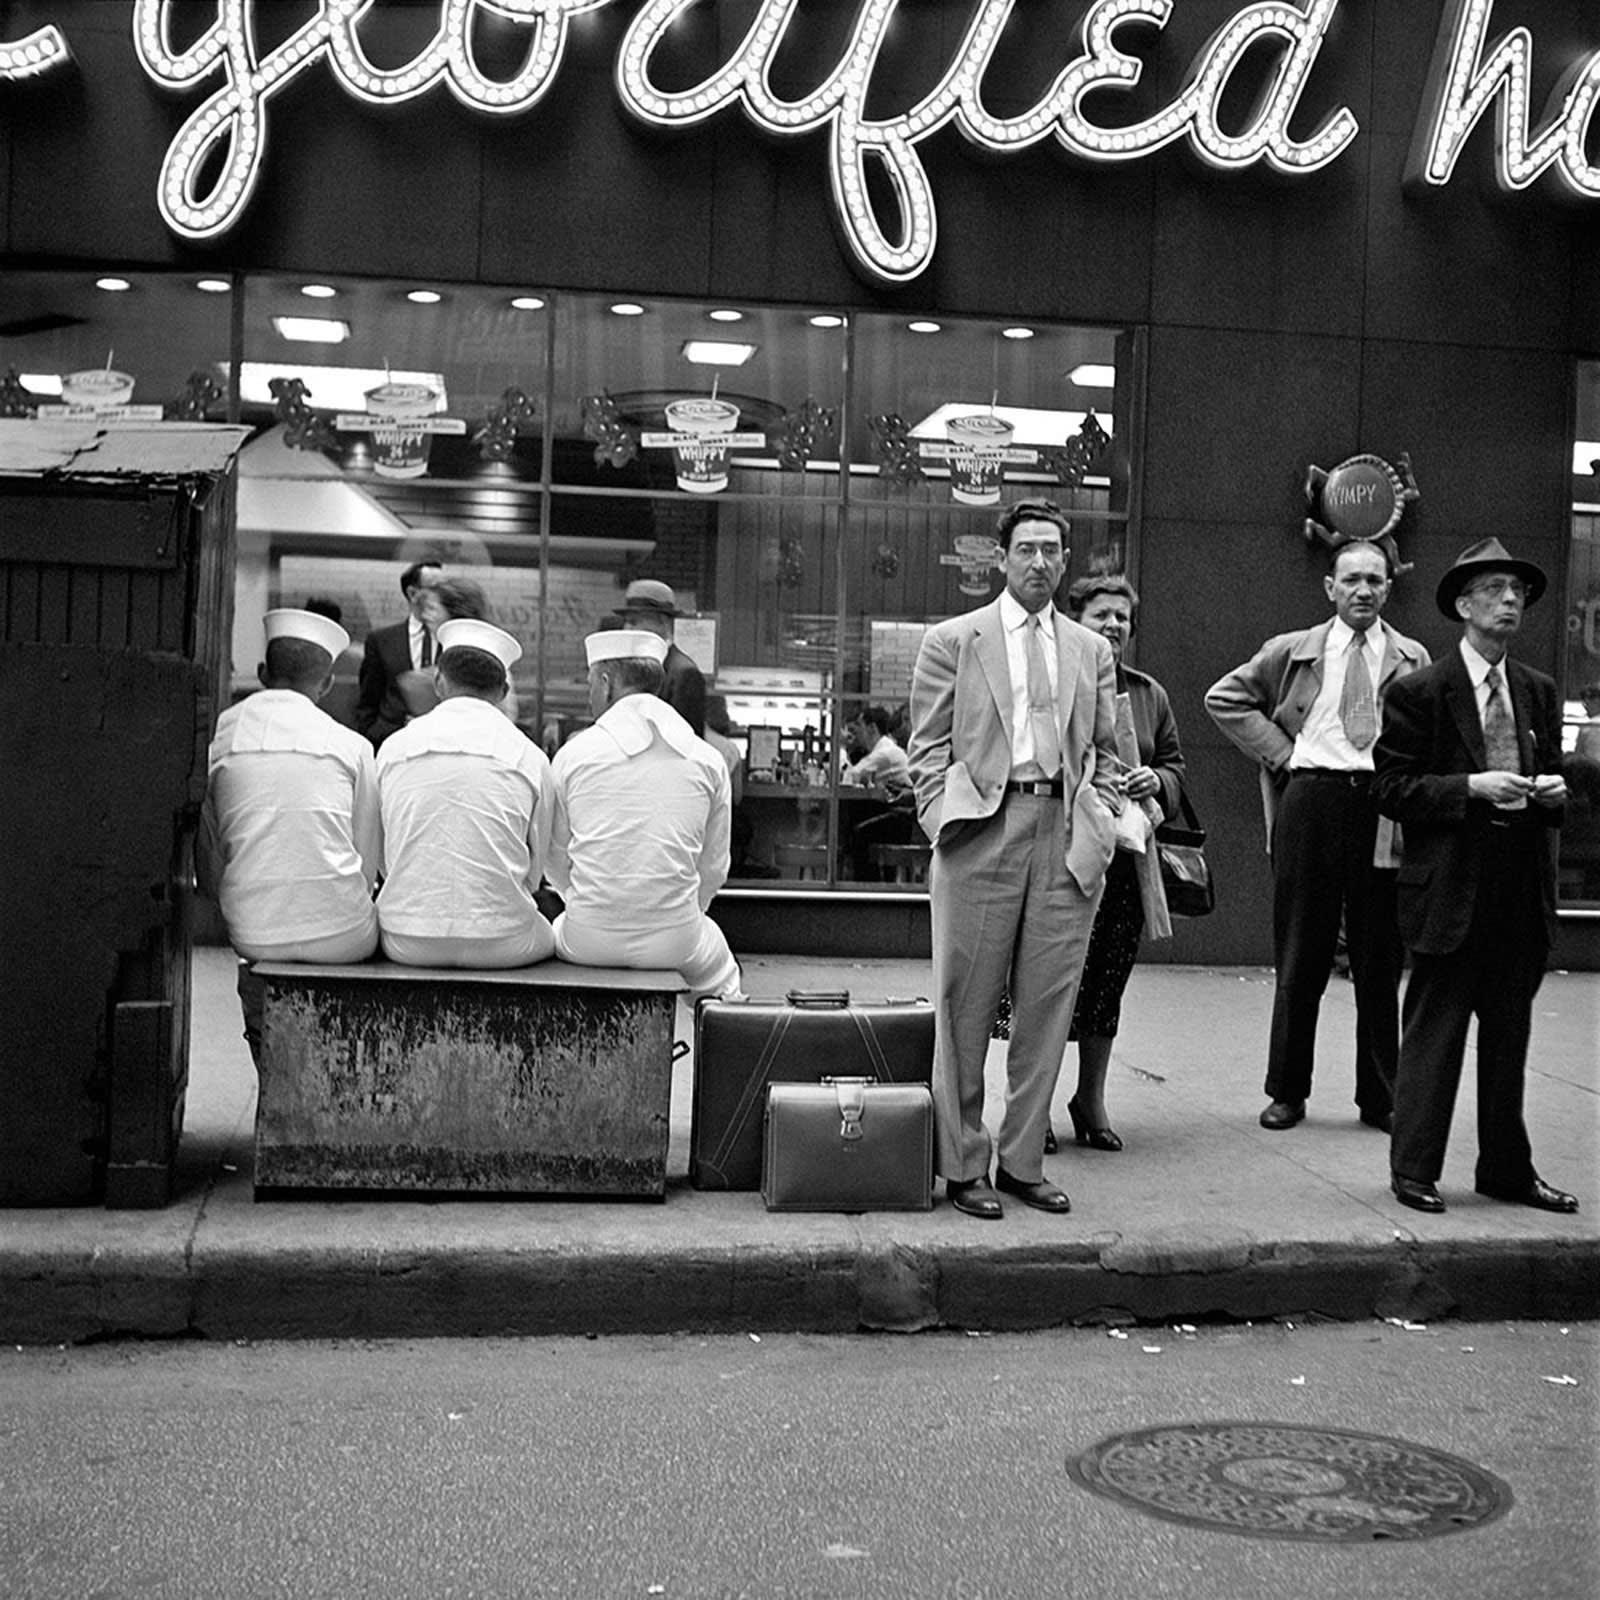 Vivian Maier, Chicago, IL, June 7, 1956